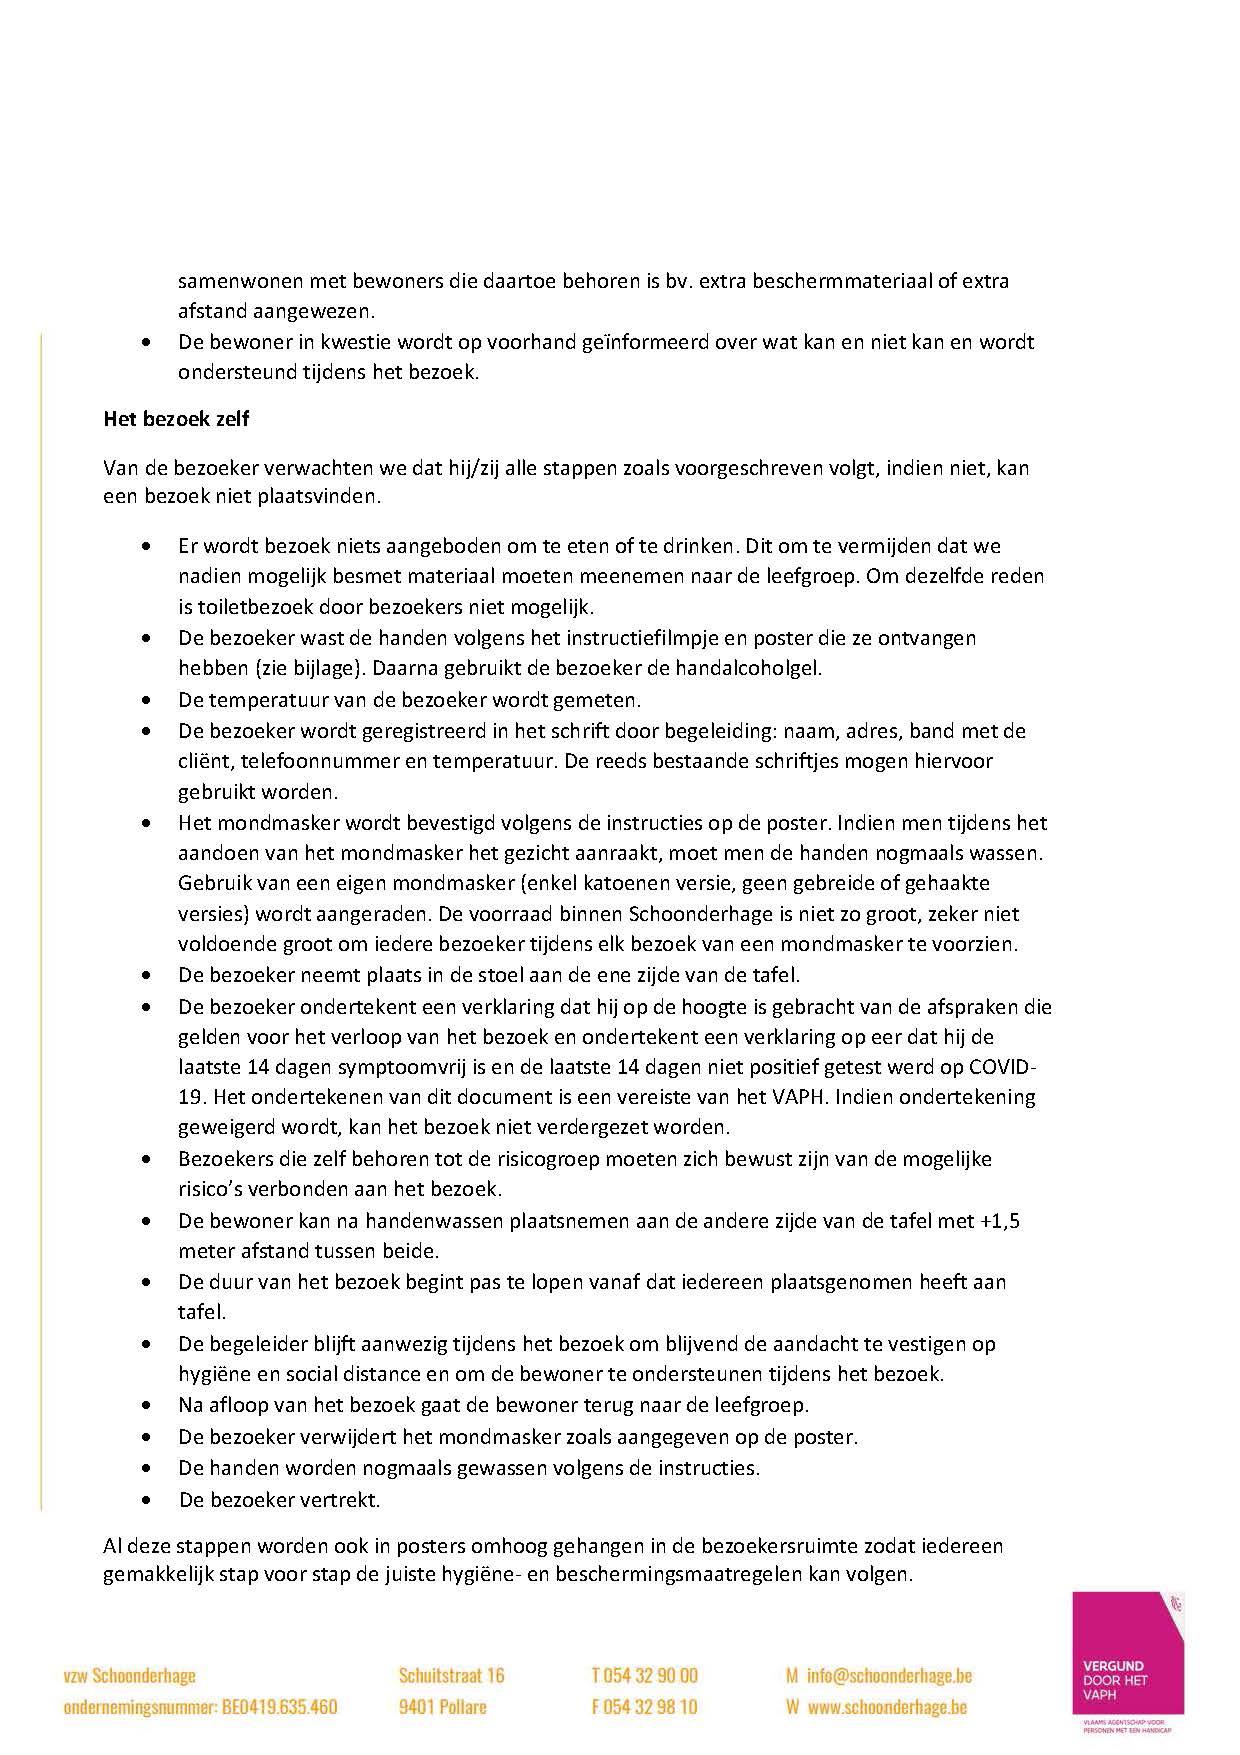 I200019 info Coronavirus netwerk_5_exit stap 1 bezoek_Deel2